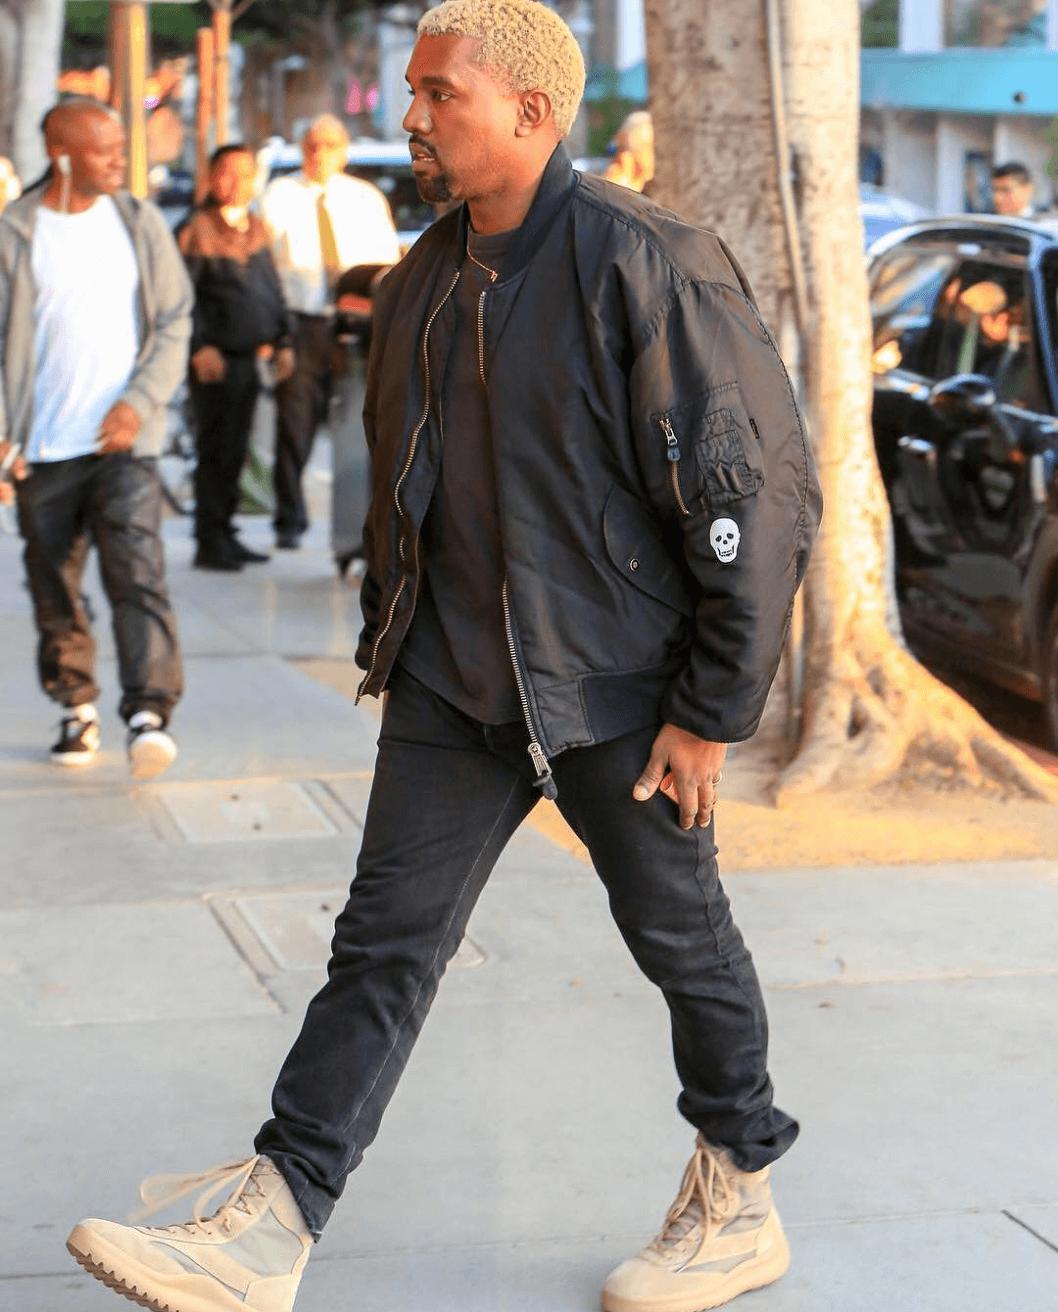 Kanye West in Yeezy Season 5 Boots